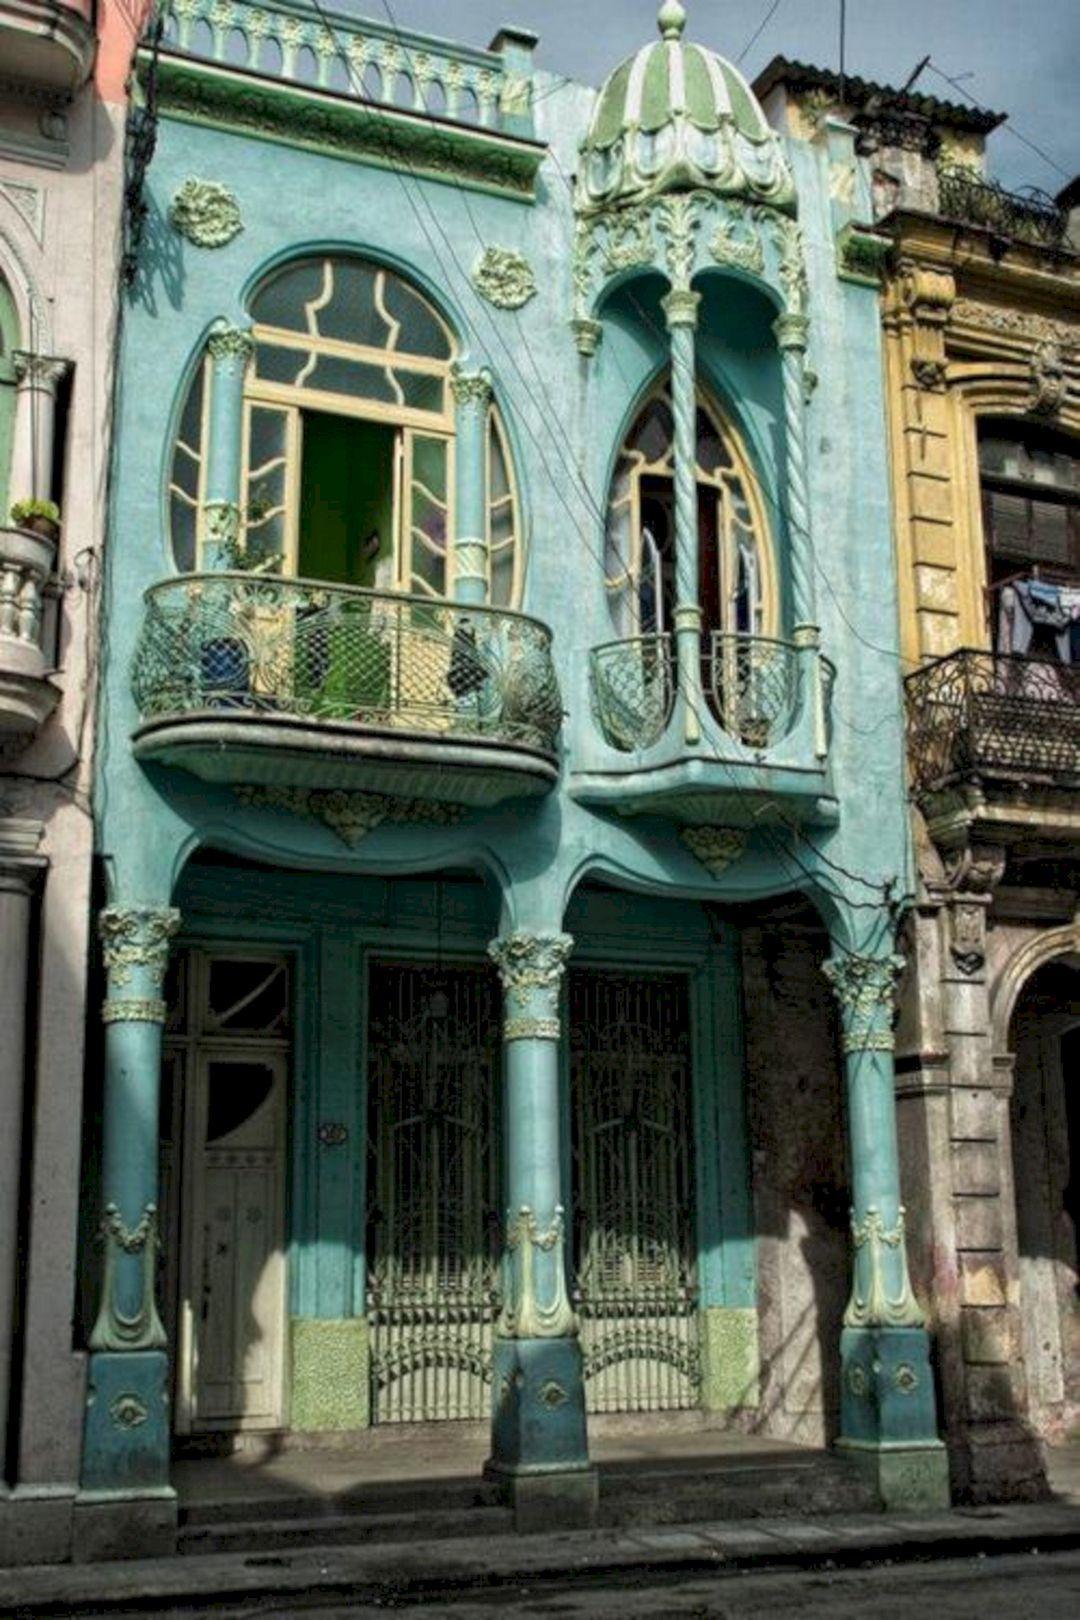 Art Nouveau Architecture 33 (Art Nouveau Architecture 33) design ideas and photos